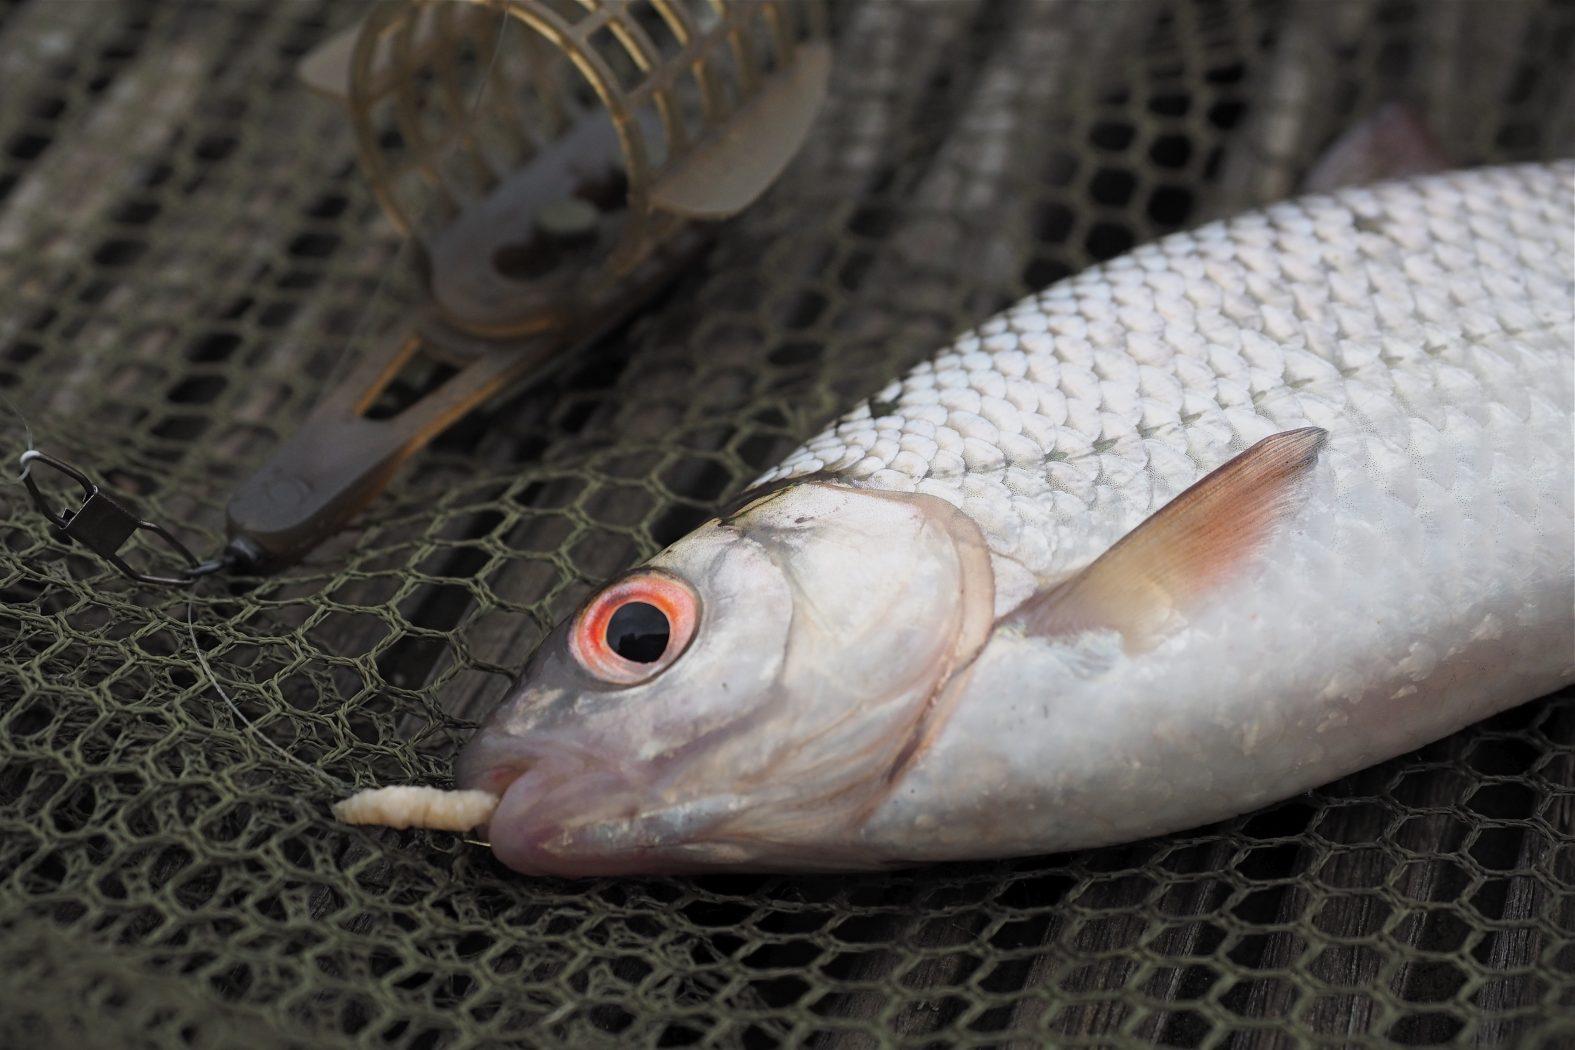 Rotaugen angeln mit Futterkorb und Feederrute